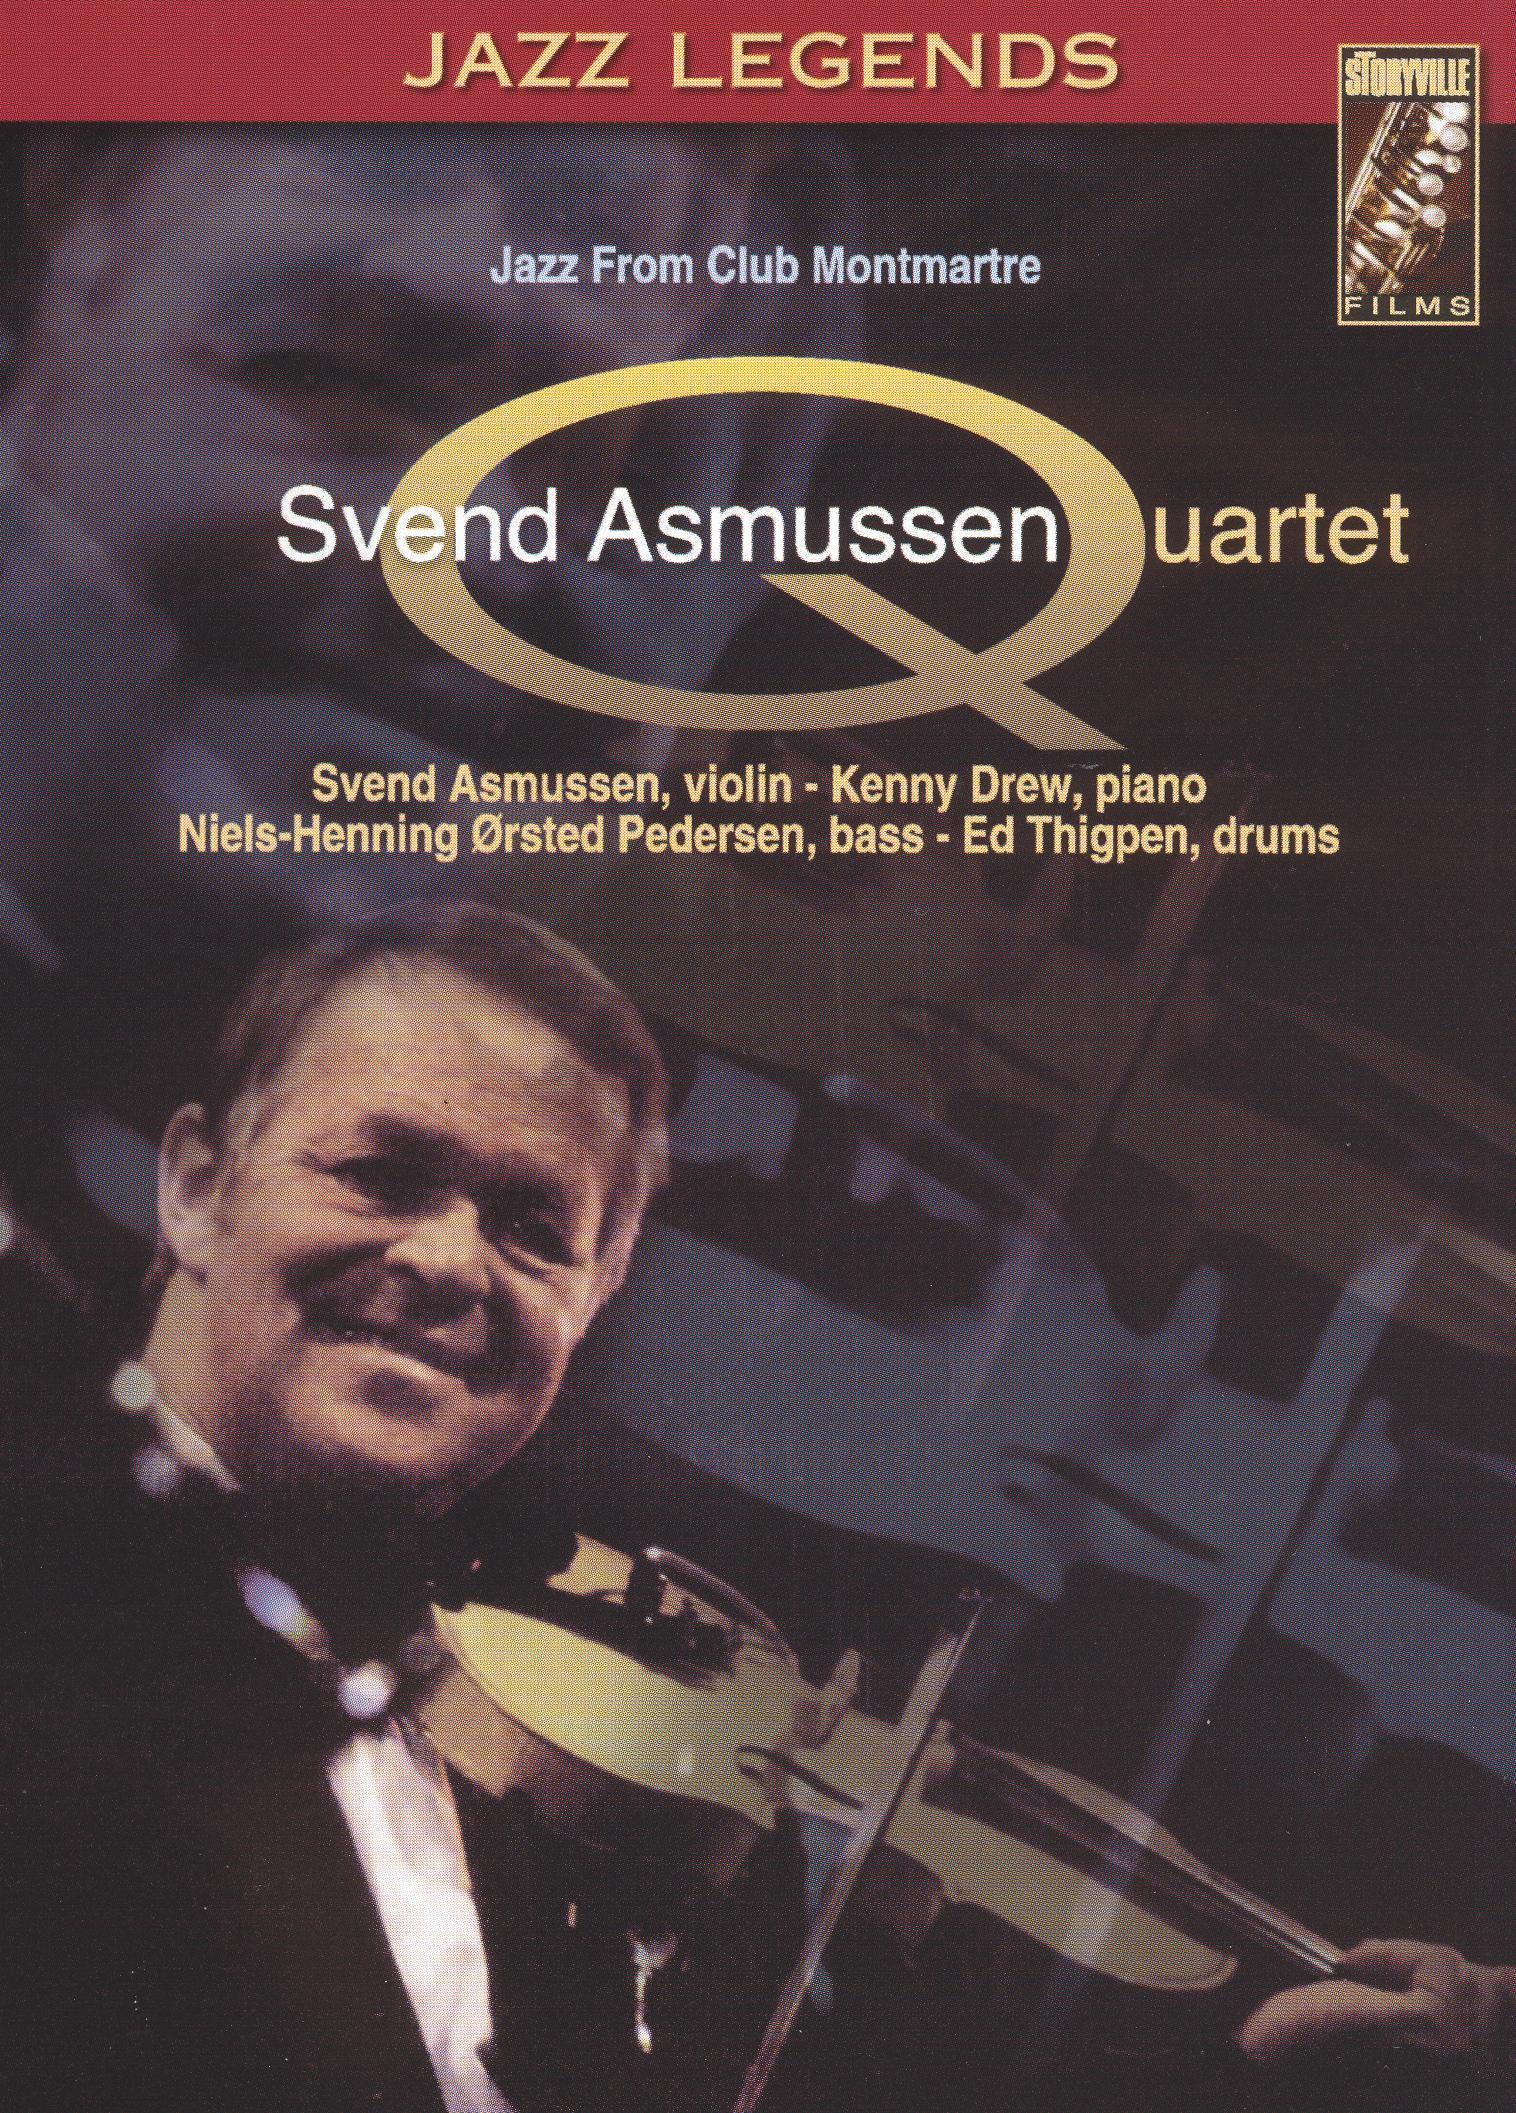 Svend Asmussen Quartet: Jazz from Club Montmartre